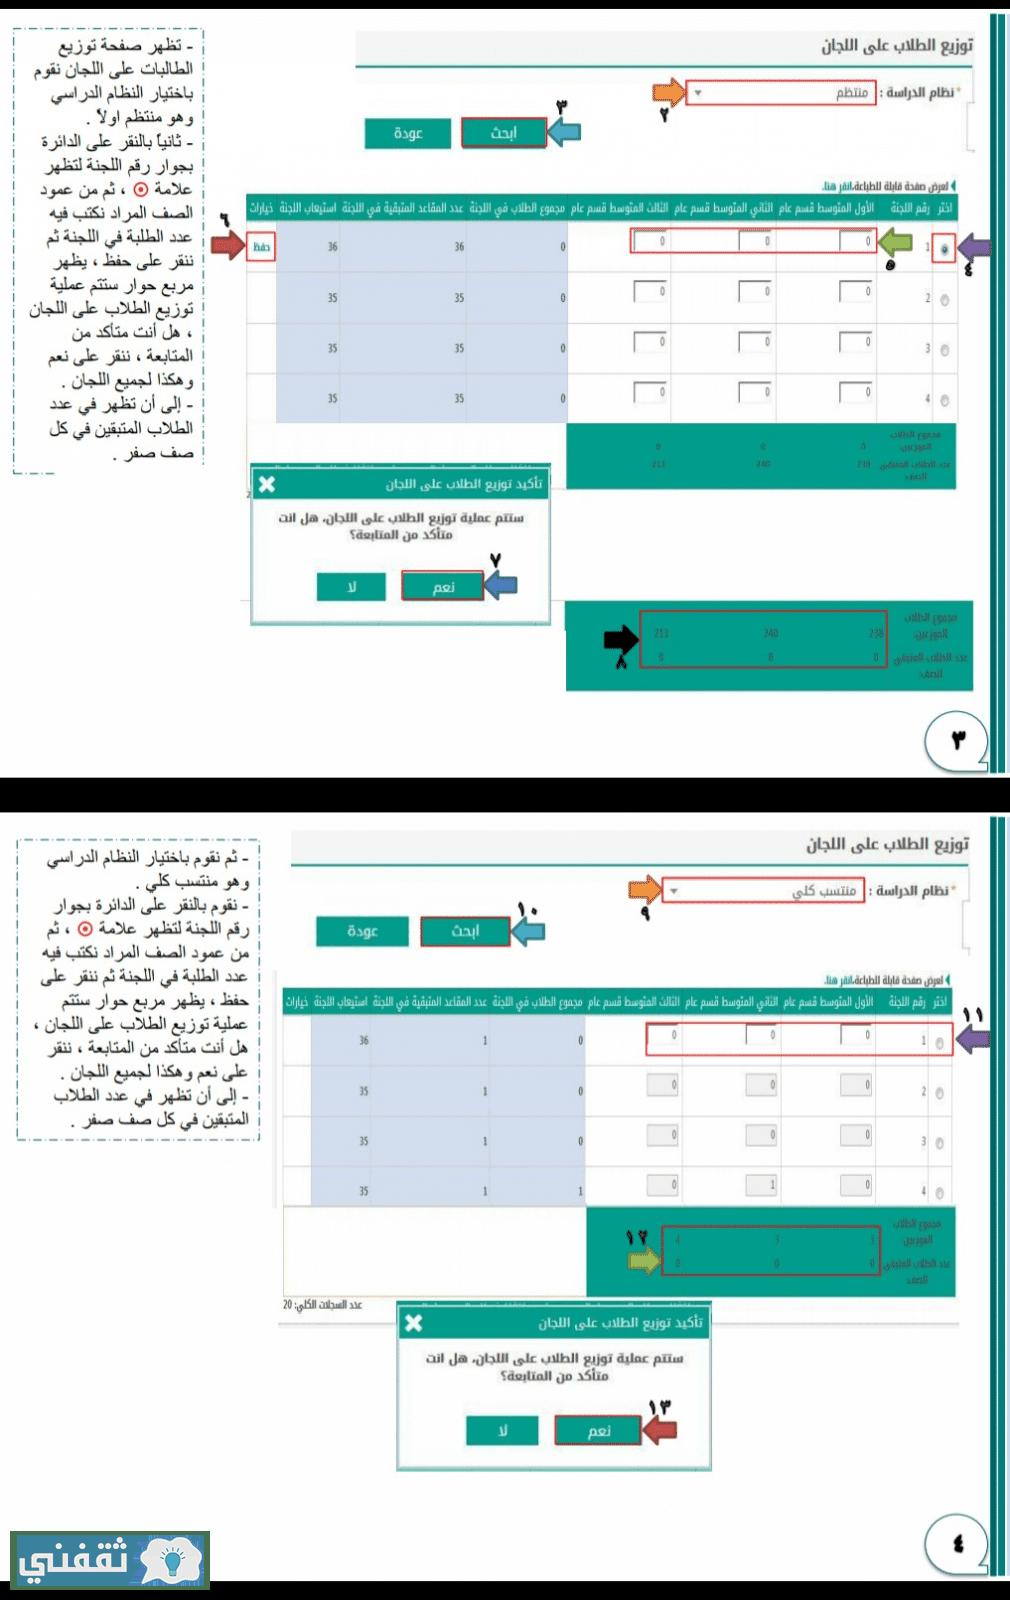 الاستعلام عن نتائج الطلاب برقم الهوية الوطنية